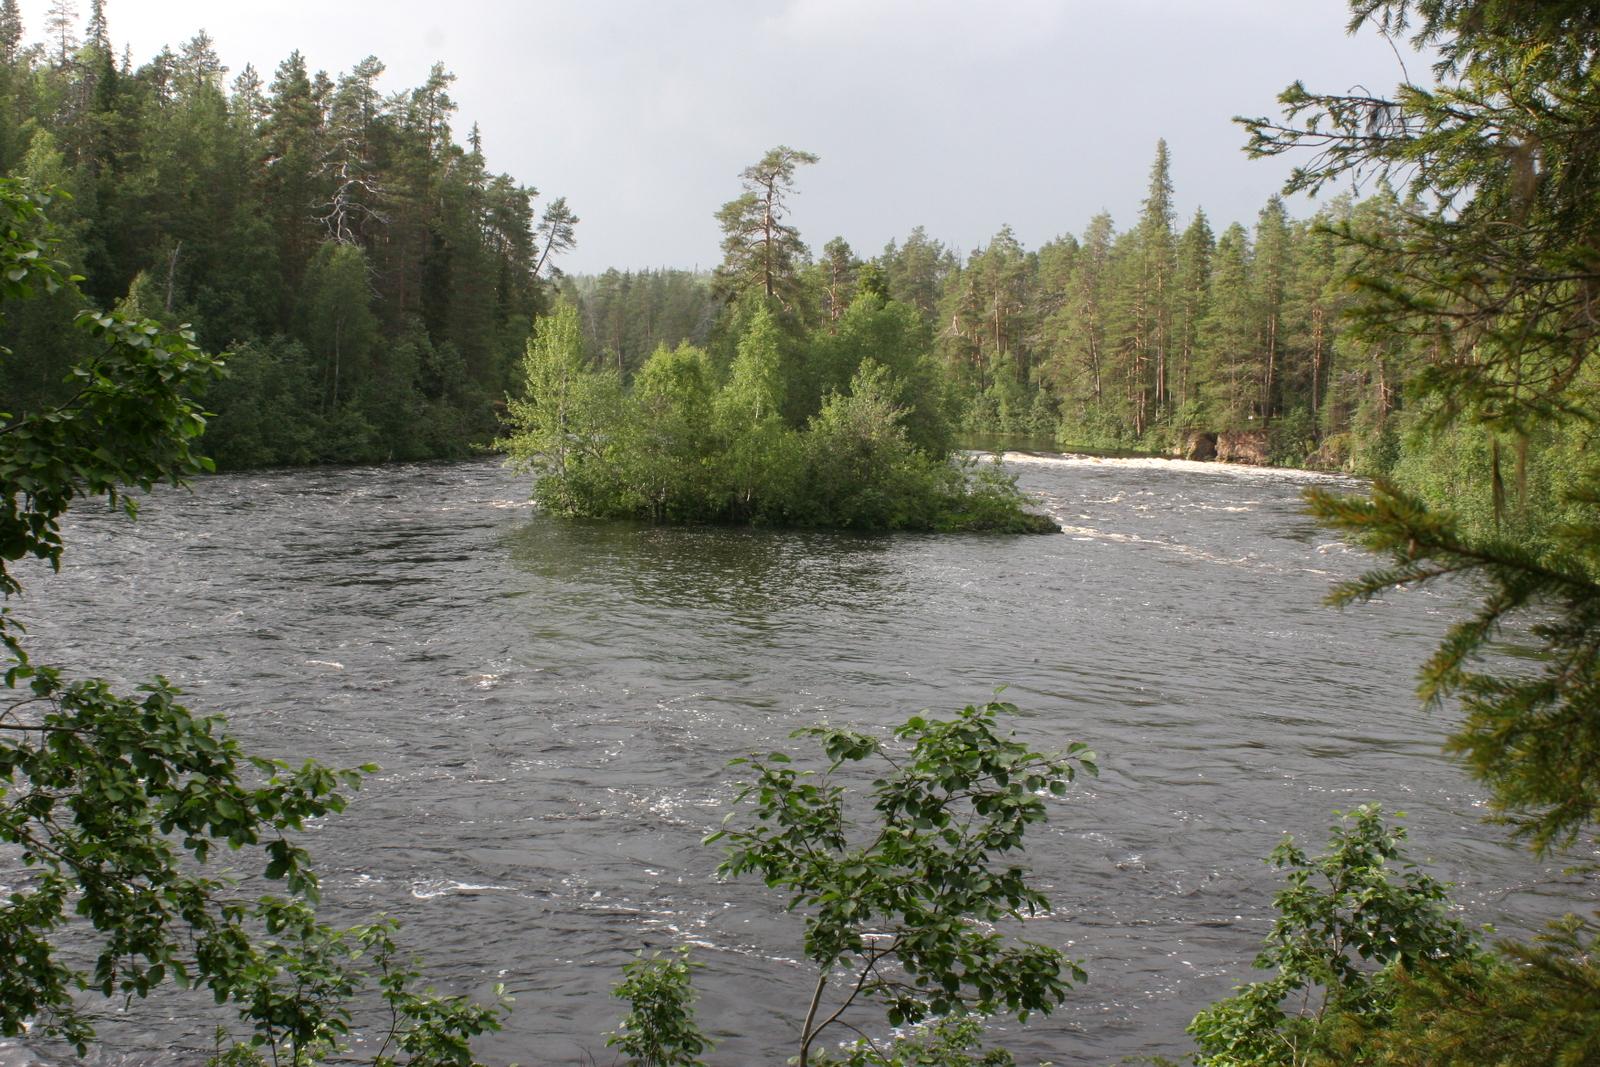 Vielä näkymä joelle, jossa vesi virtaa kohtalaisella vauhdilla.